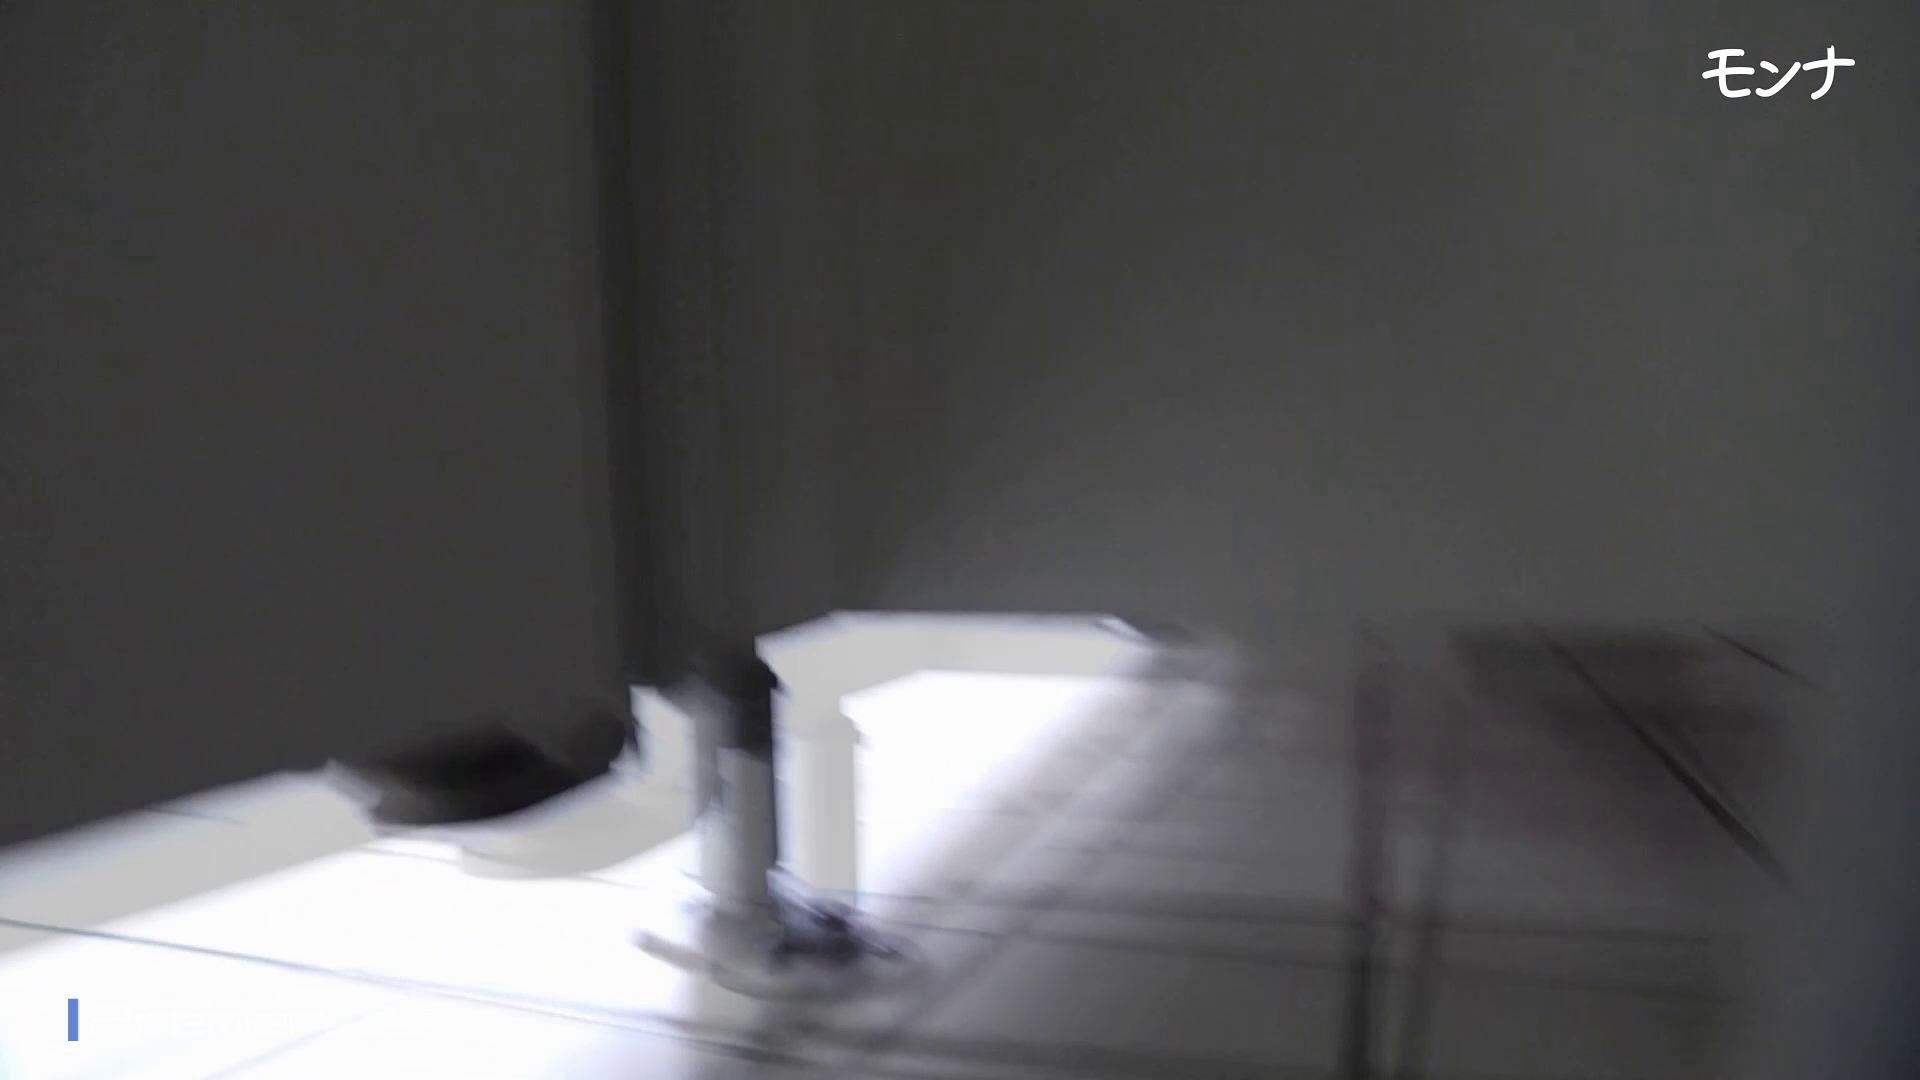 美しい日本の未来 No.75 たまらないくびれ 2 生え茂る トイレ流出 | フェチ  93連発 82